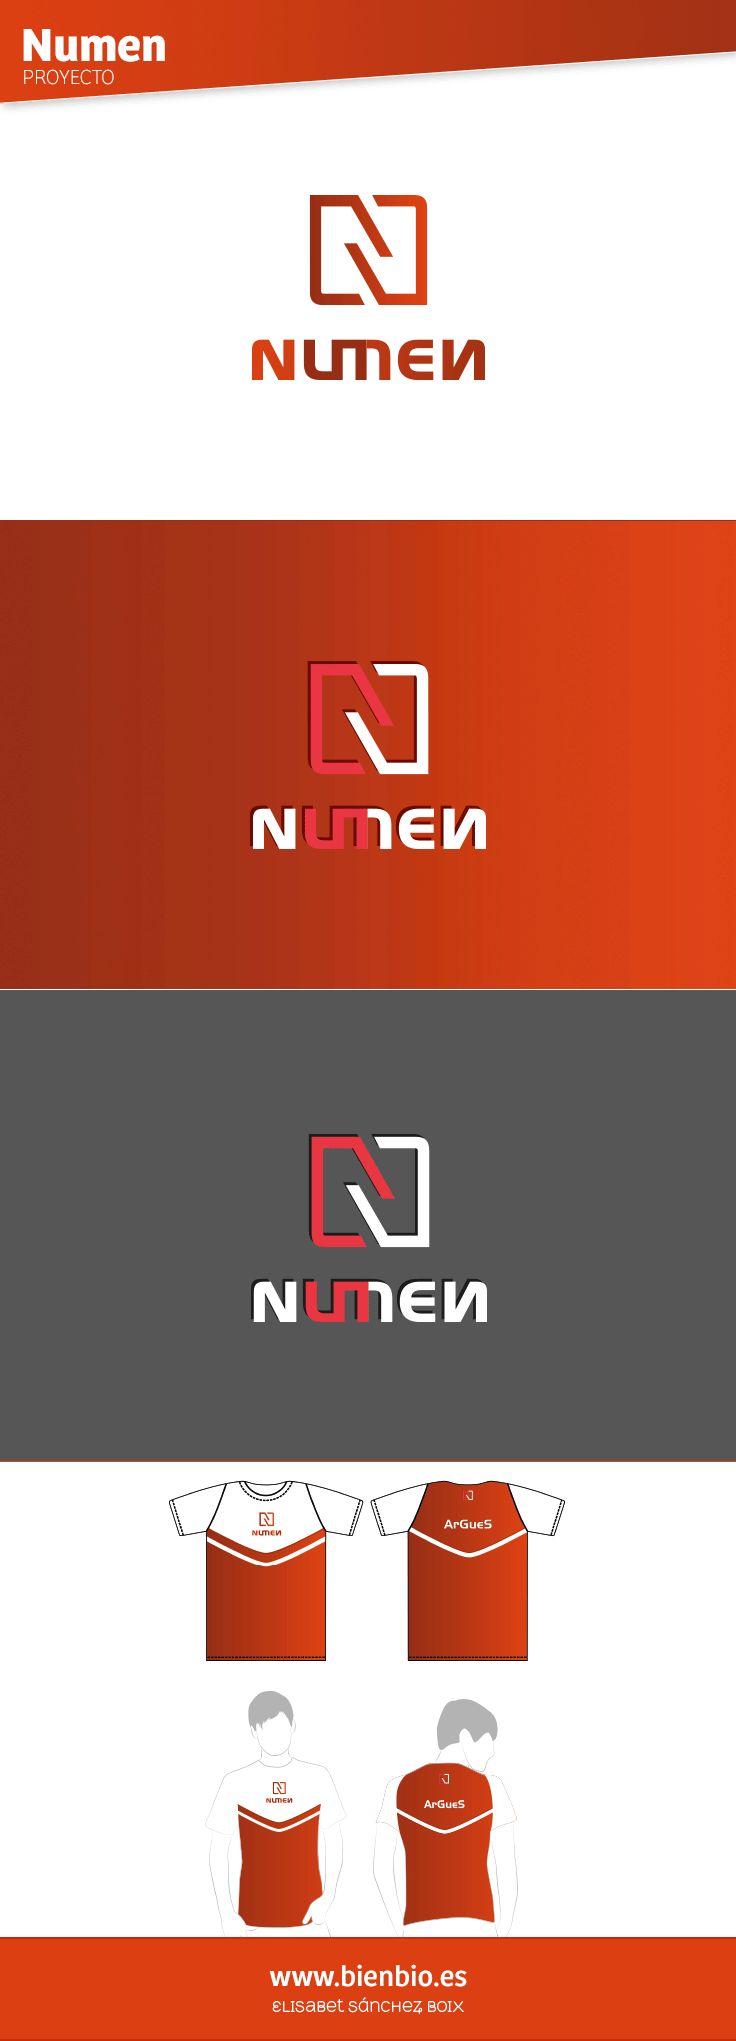 """Creación de #logotipo y #camisetas Numen para el equipo de competición de #videojuegos online """"League of legends"""". Juego de estrategia de acción a tiempo real en el que dos equipos (compuestos de cinco personas cada uno) se enfrentan en un ring de batalla cuadrado (siendo de un equipo cada mitad). Todo ello se refleja tanto en el símbolo: dividido en dos partes enfrentadas, formando un cuadrado con la letra """"n"""", como en la tipografía:  dos """"n"""" enfrentadas por el número de componentes """"5""""."""